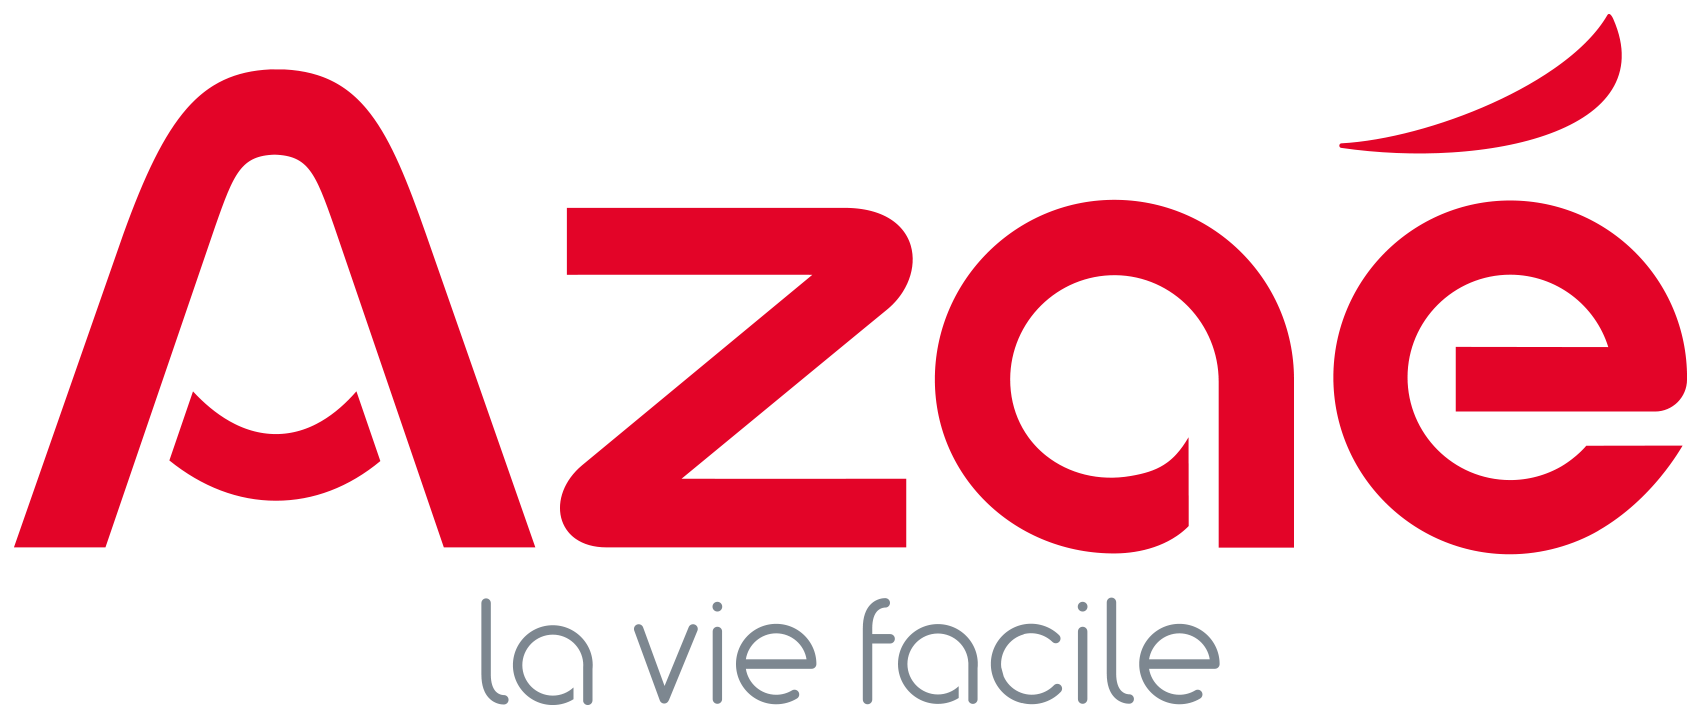 Azaé Grenoble - Aide à domicile et femme de ménage services, aide à domicile